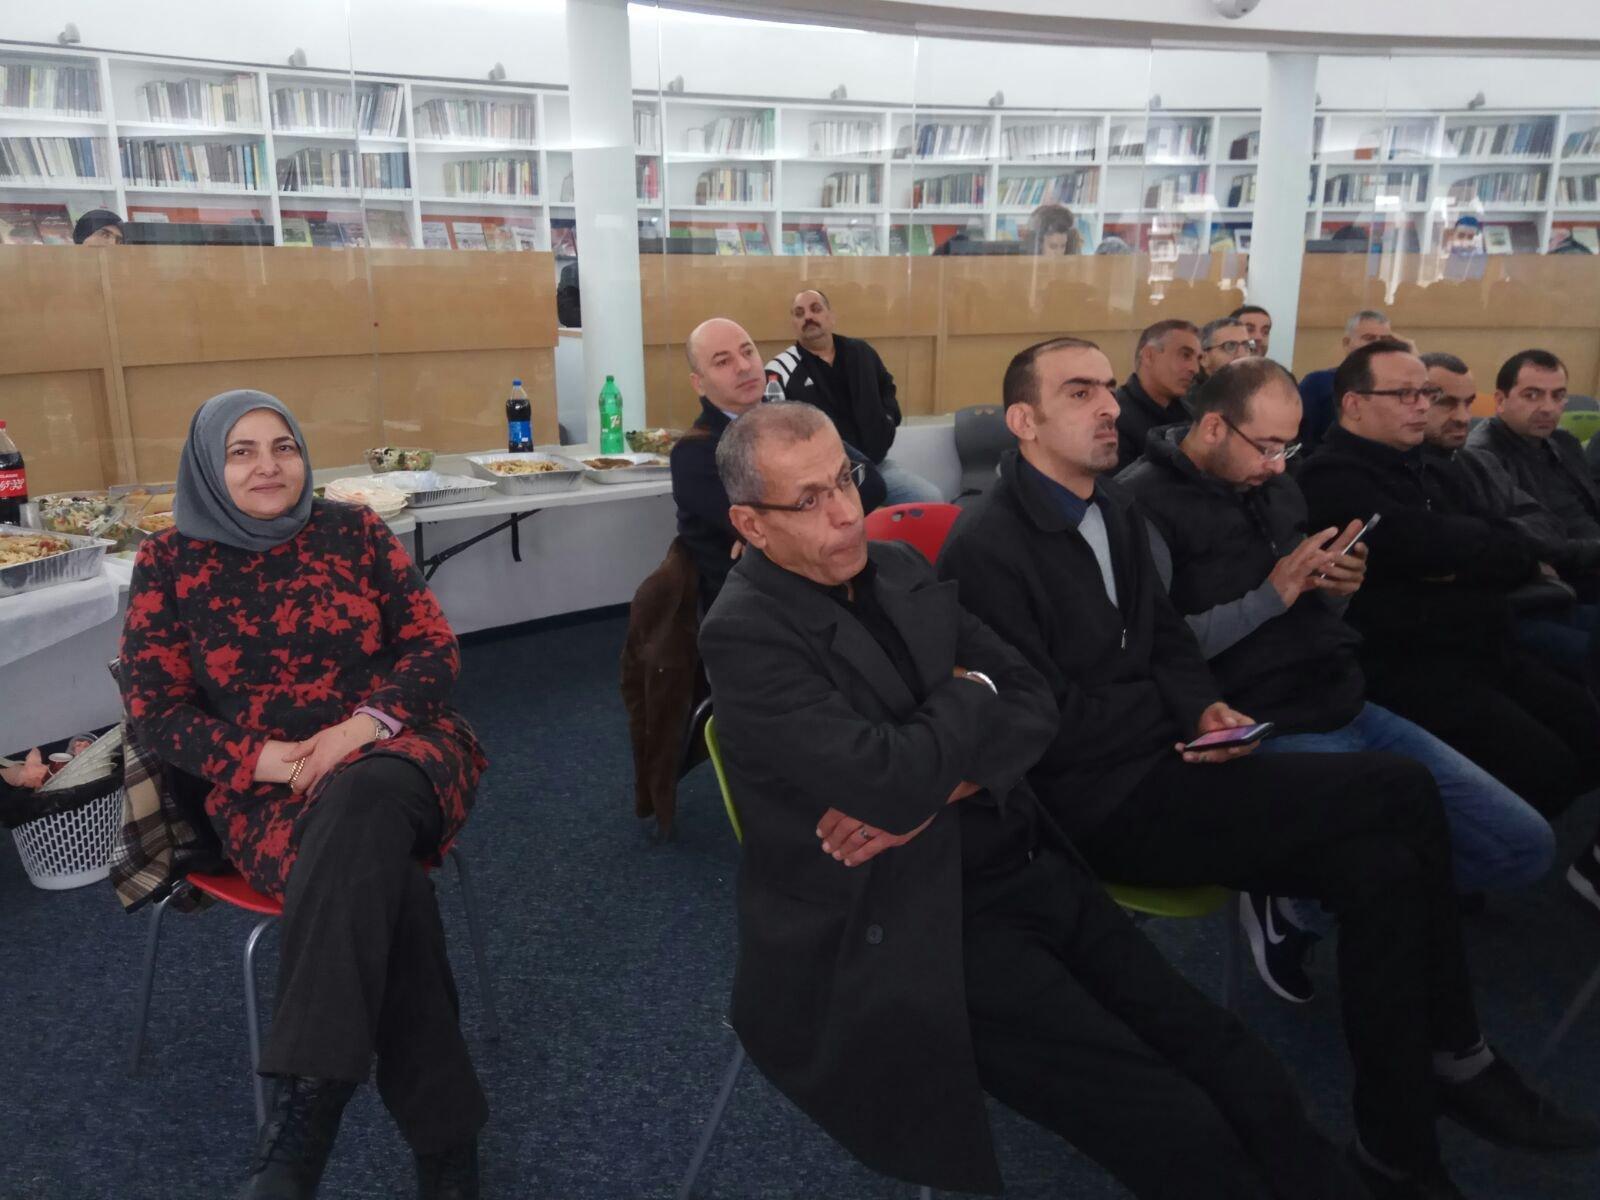 المكتبة العامة في ام الفحم تستضيف يوما دراسيا للجنة أولياء أمور الطلاب المحلية